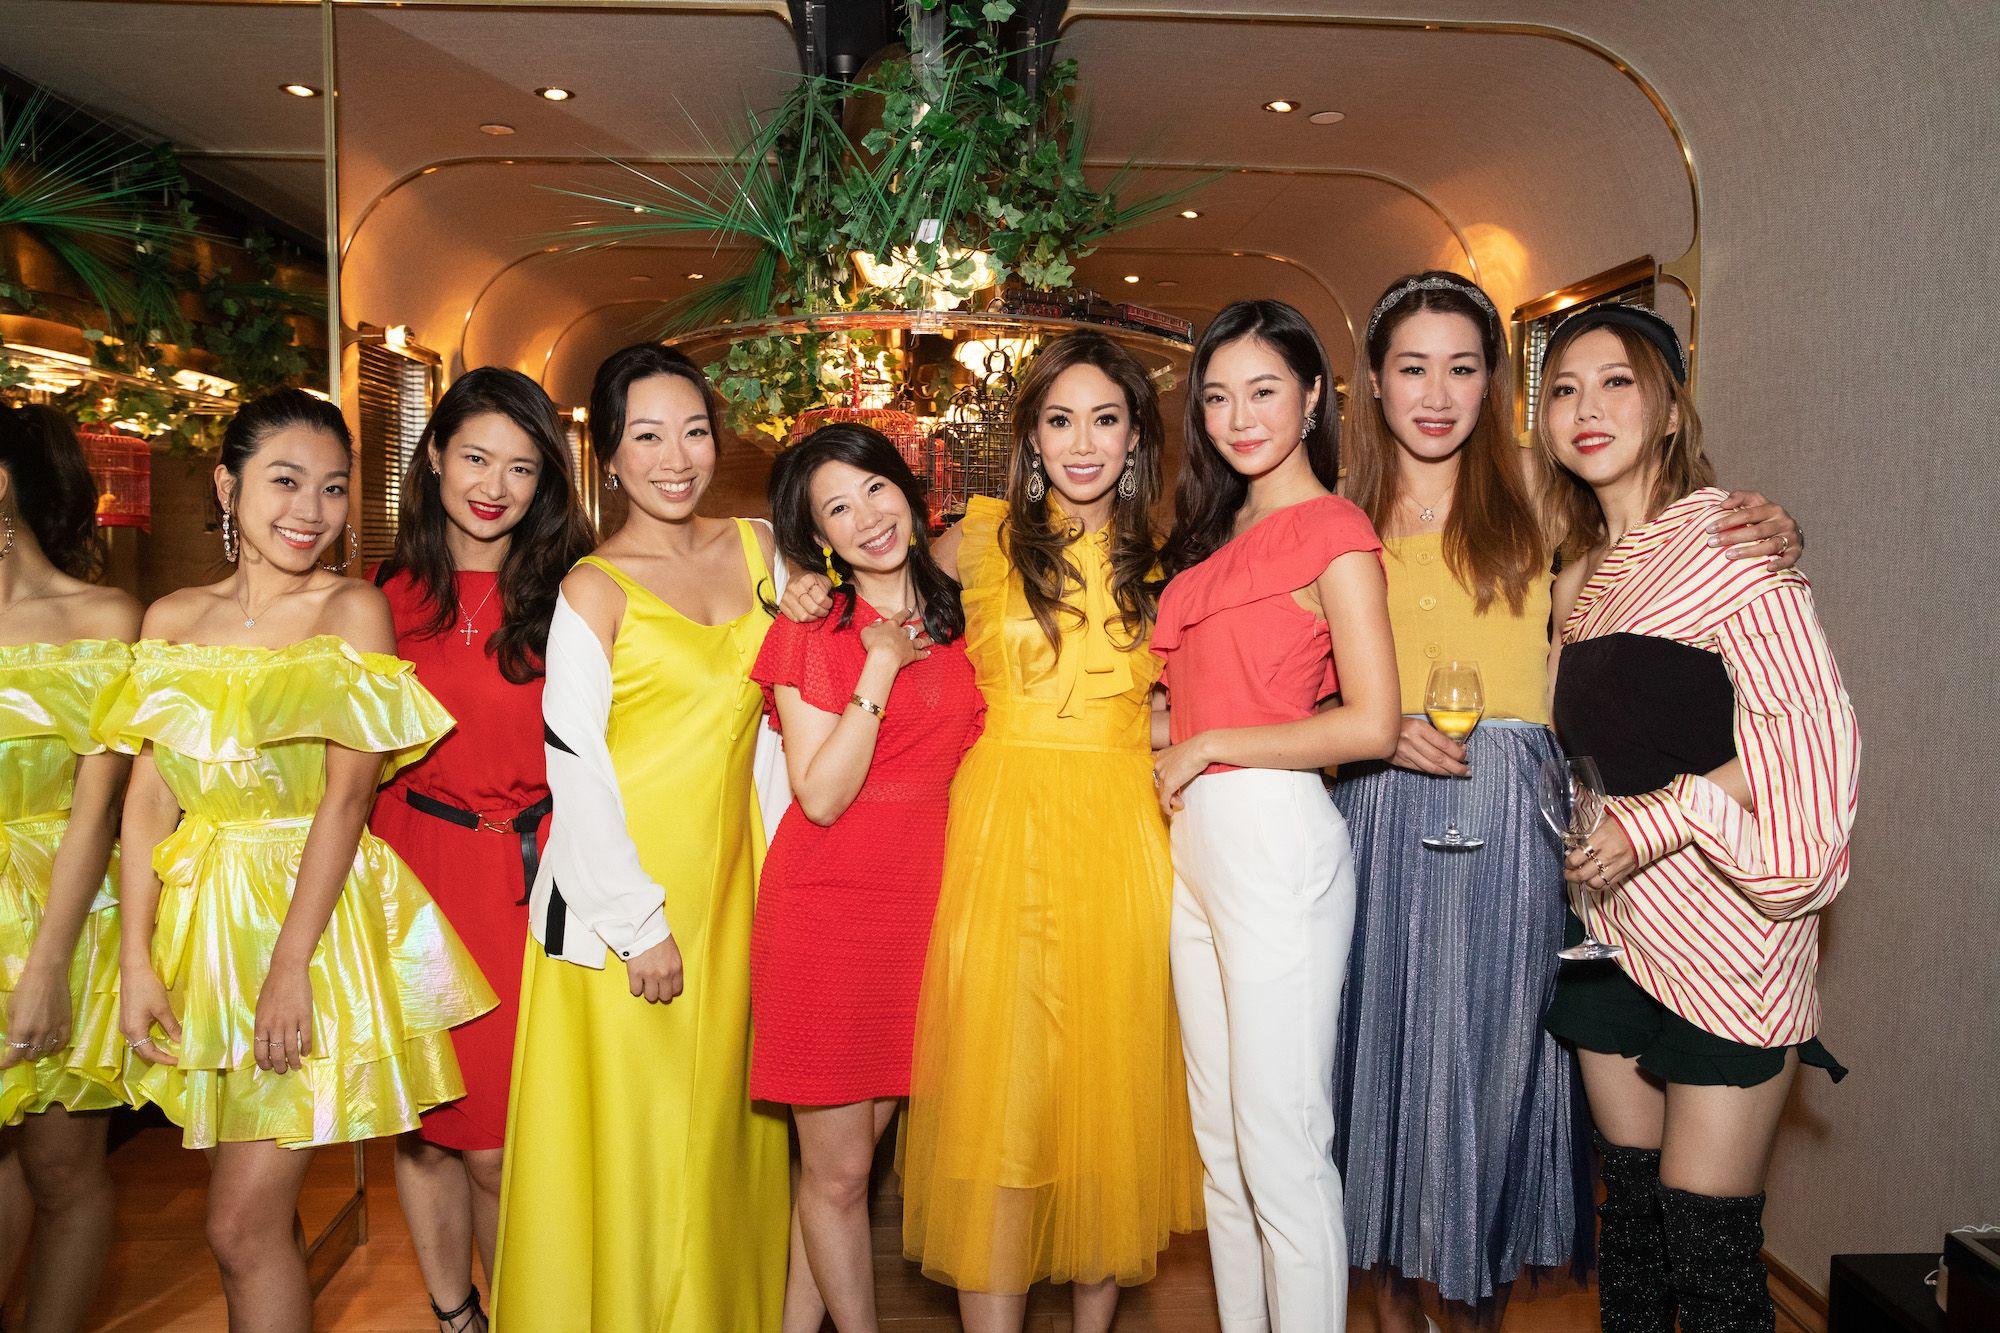 Leslie Chiang, Queenie Mak, Veronica Lam, Maya Lin, Yen Kuok, Bonnie Chan, Yijia Tiong, Faye Tsui